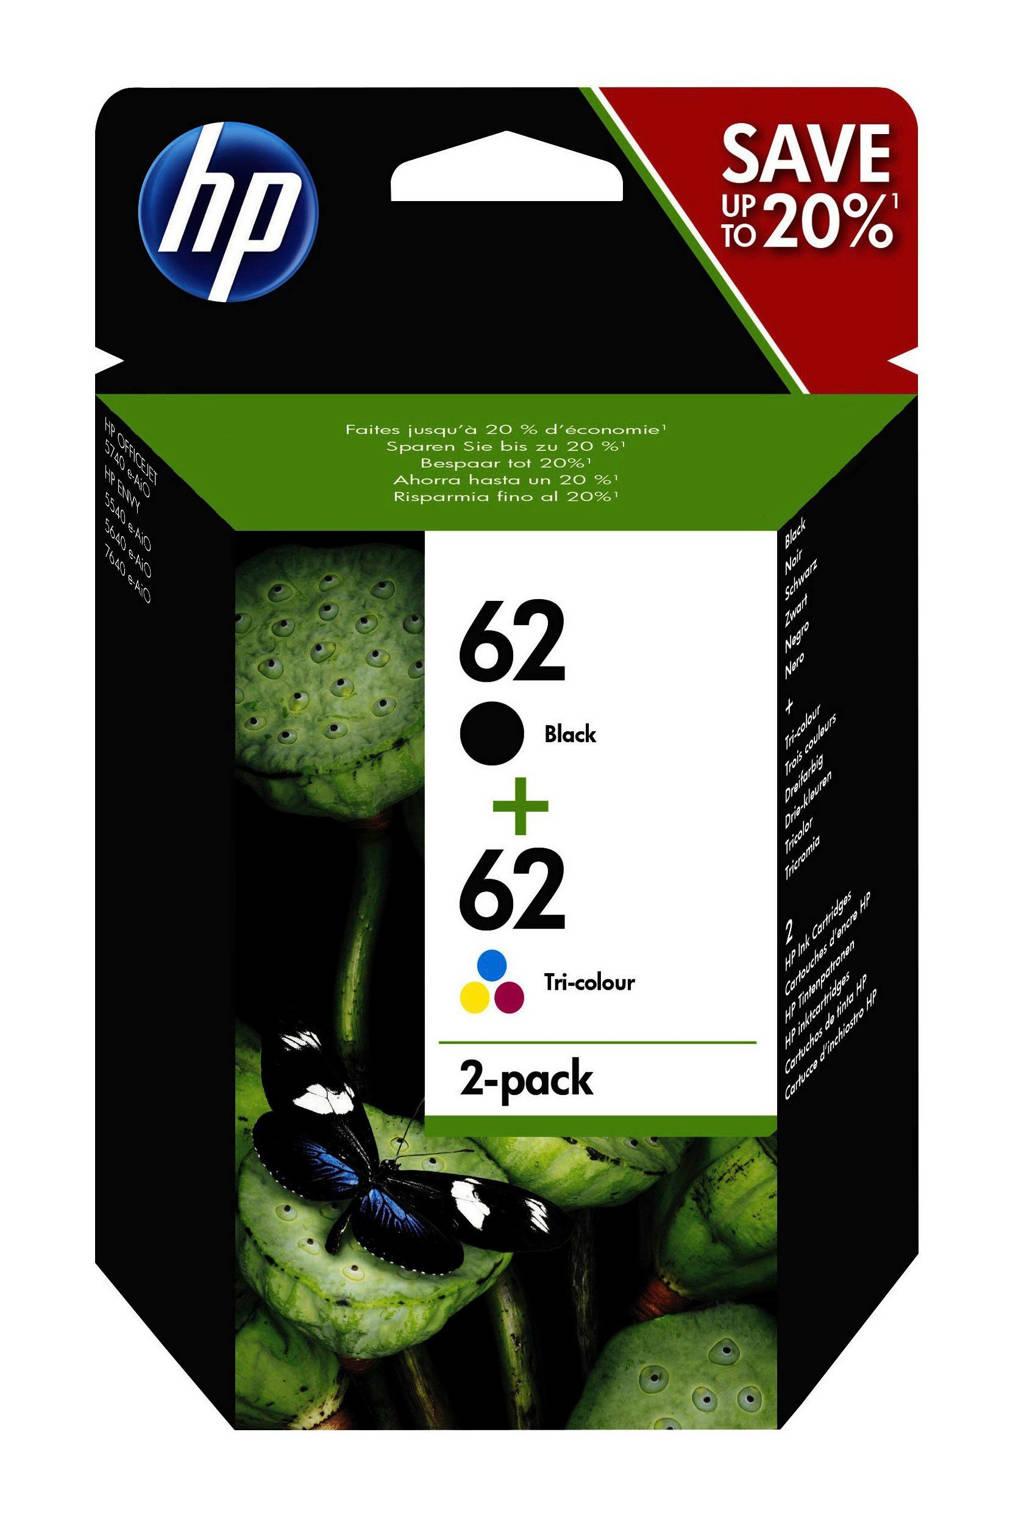 HP HP 62 INK 2-PACK 2-pack inktcartridge (zwart/kleur), Zwart, Geel, Cyaan en Magenta